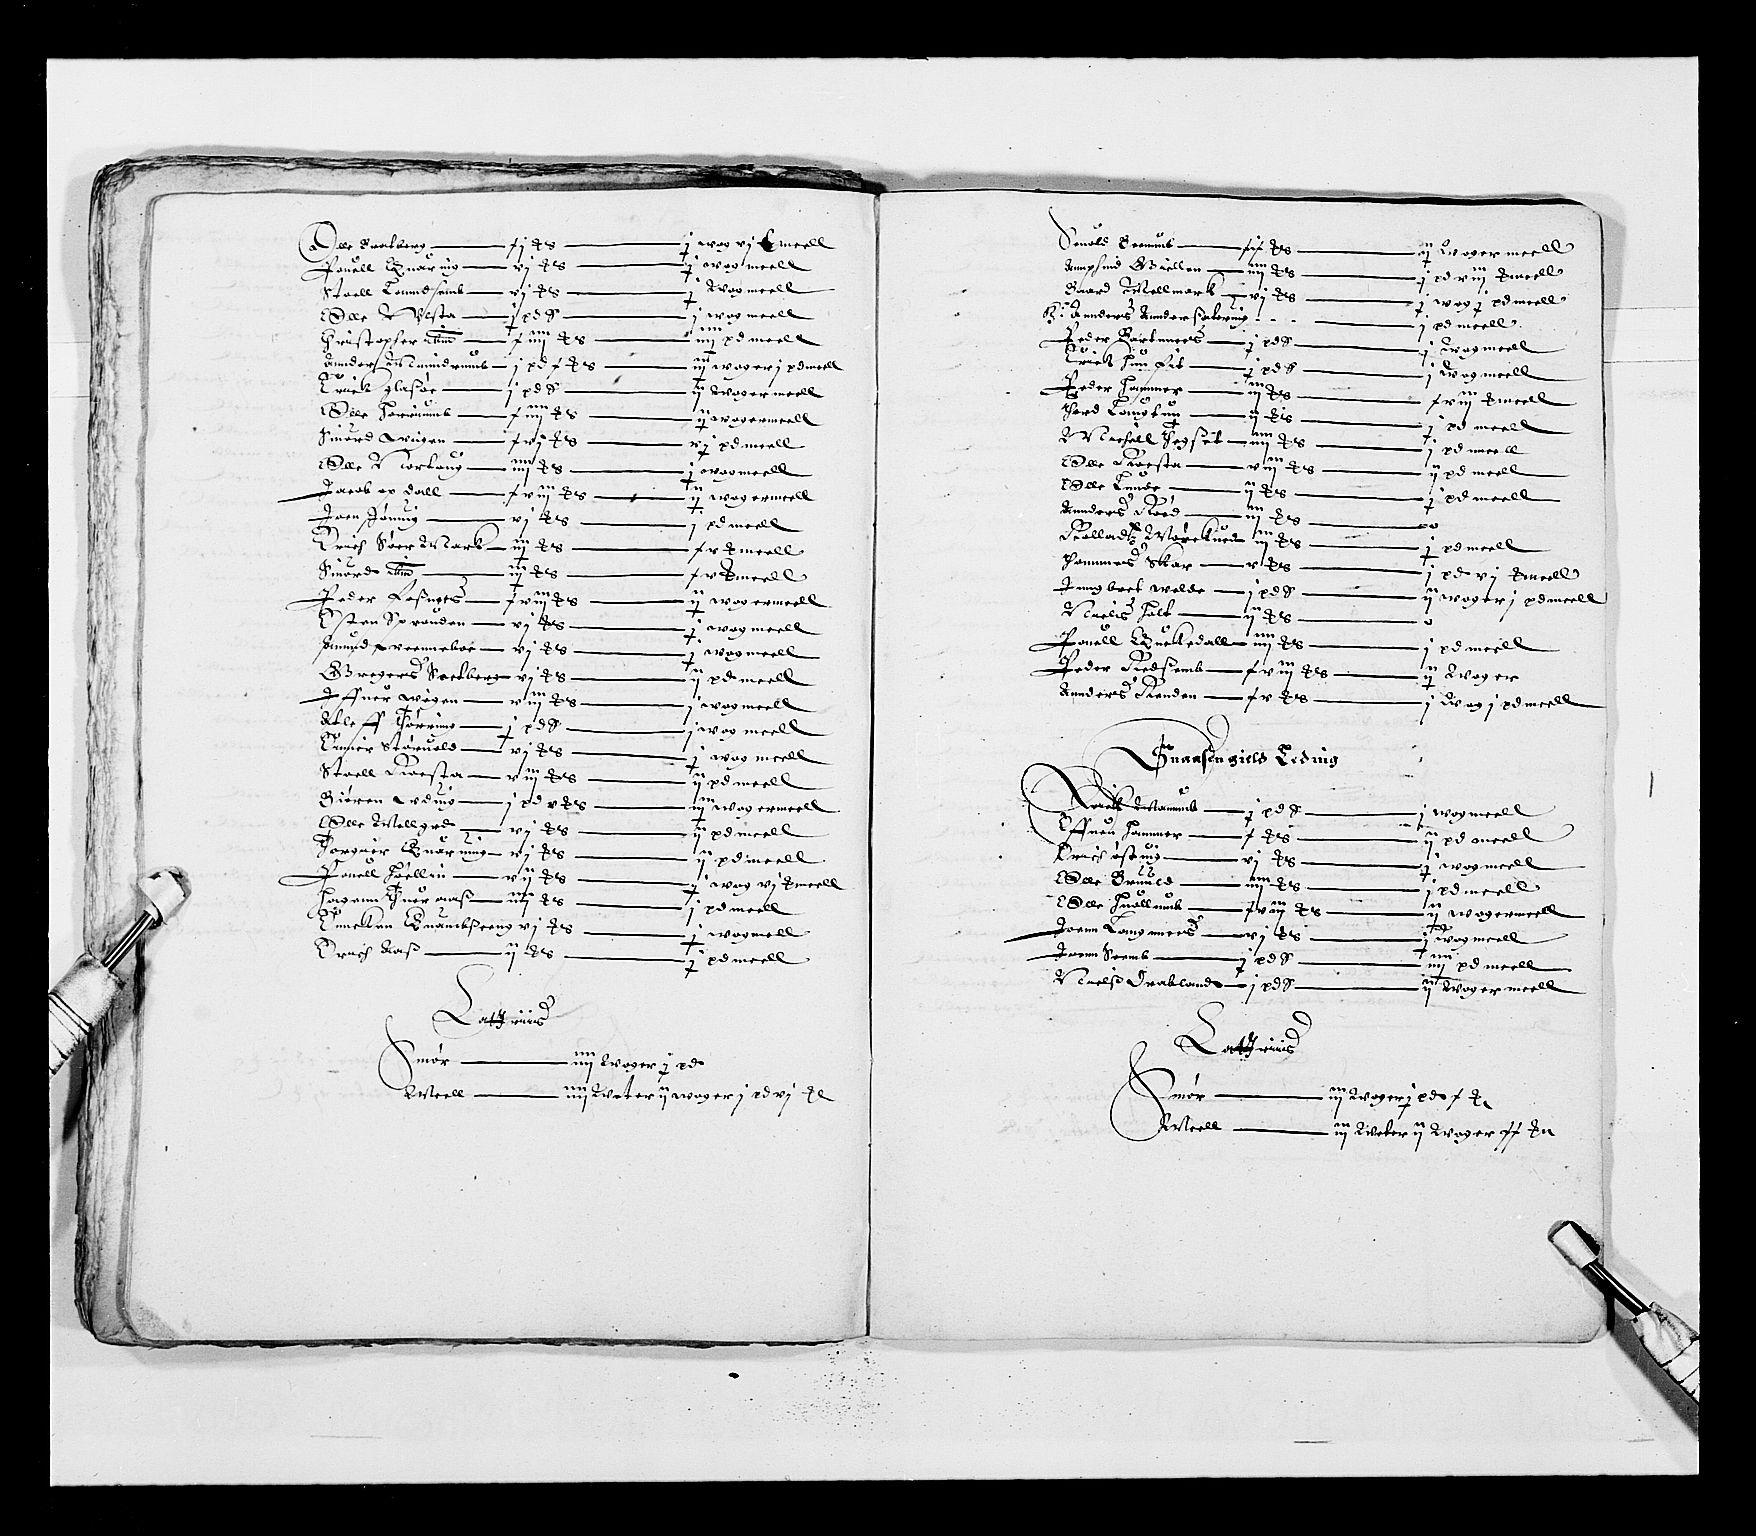 RA, Stattholderembetet 1572-1771, Ek/L0028: Jordebøker 1633-1658:, 1645-1646, s. 111